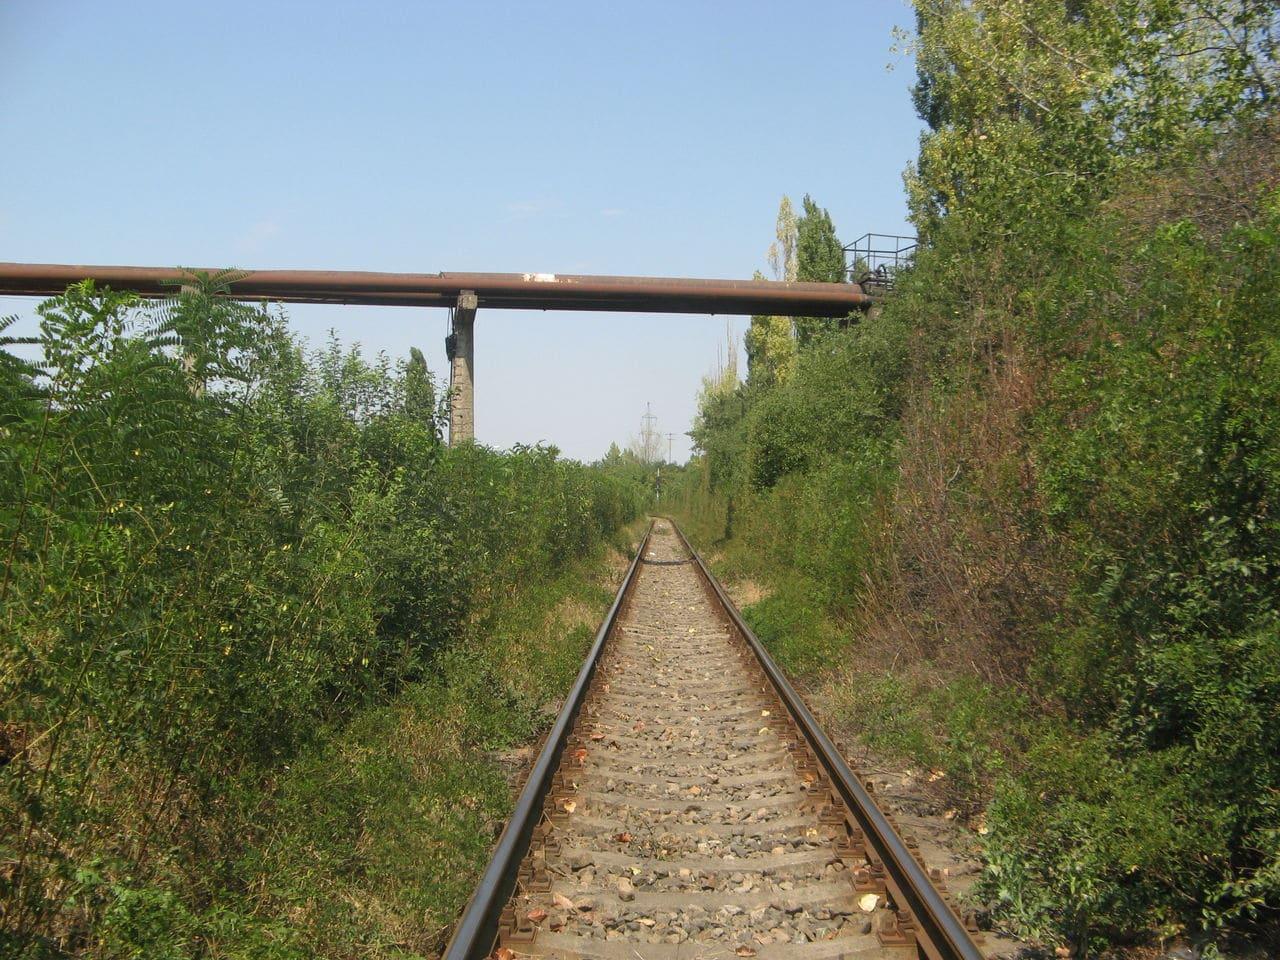 Calea ferată directă Oradea Vest - Episcopia Bihor IMG_0049